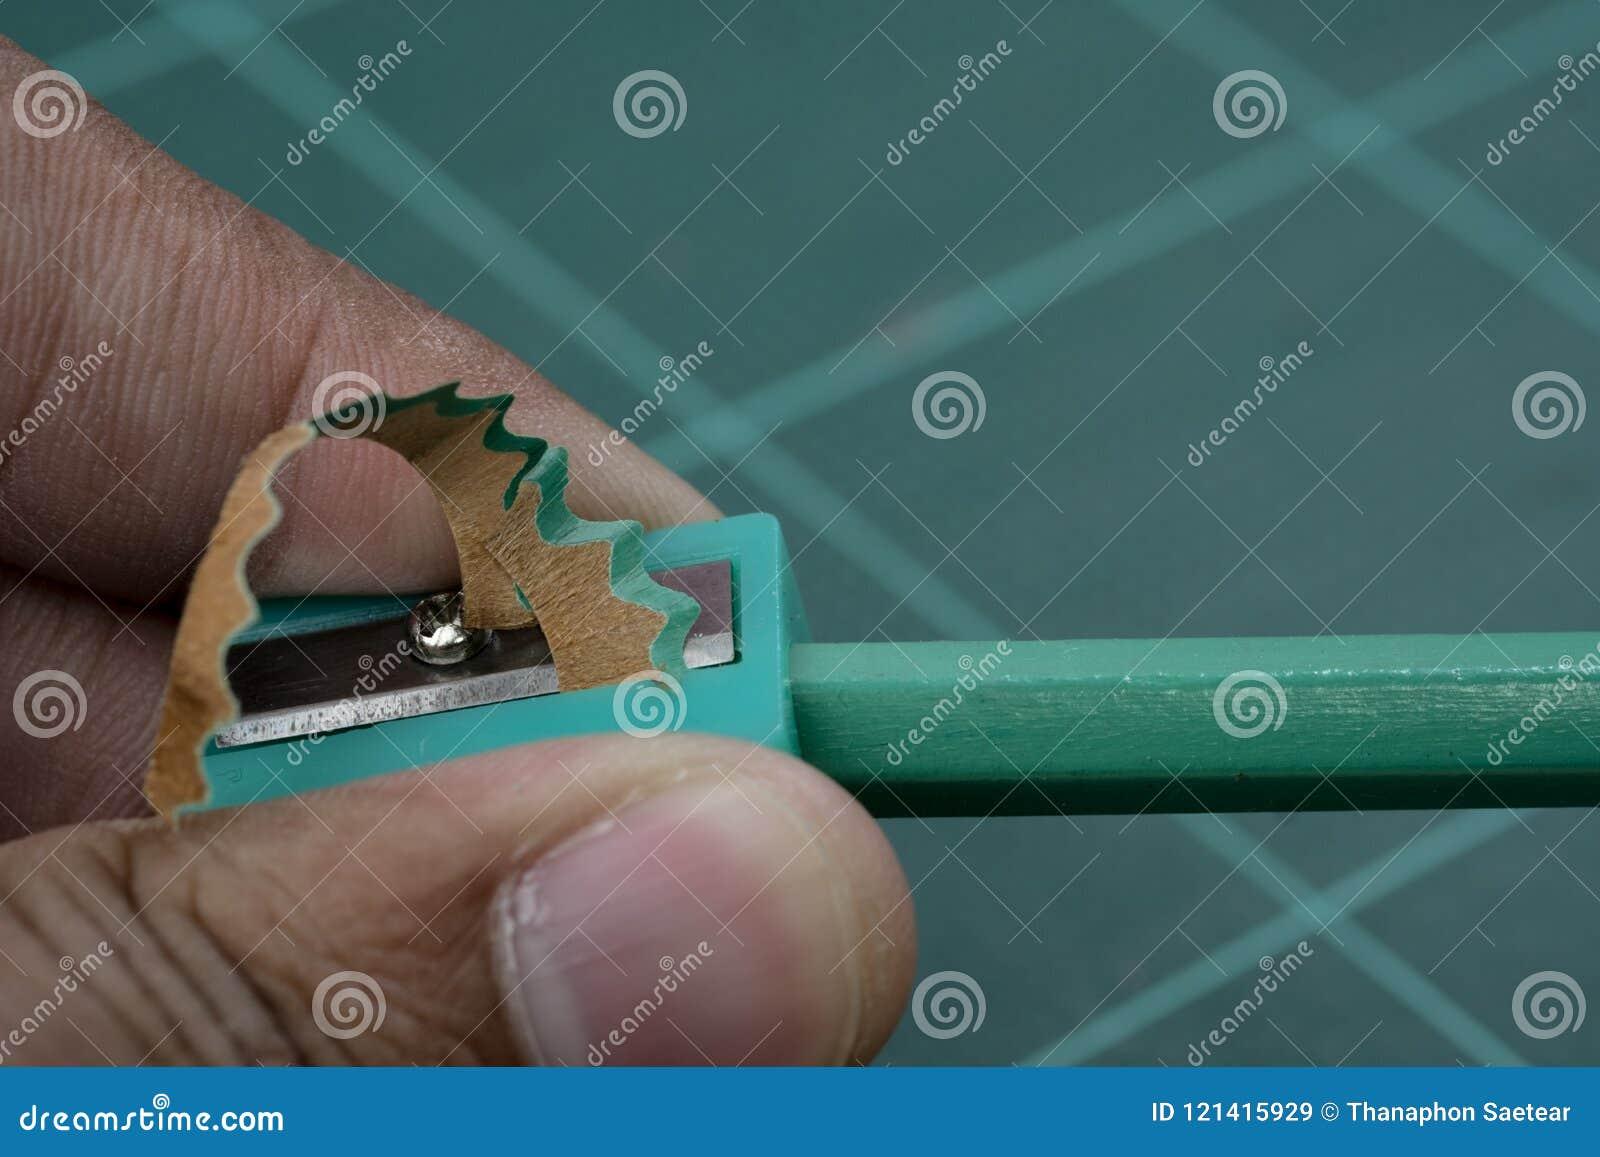 Заточите зеленый карандаш с зеленым заточником